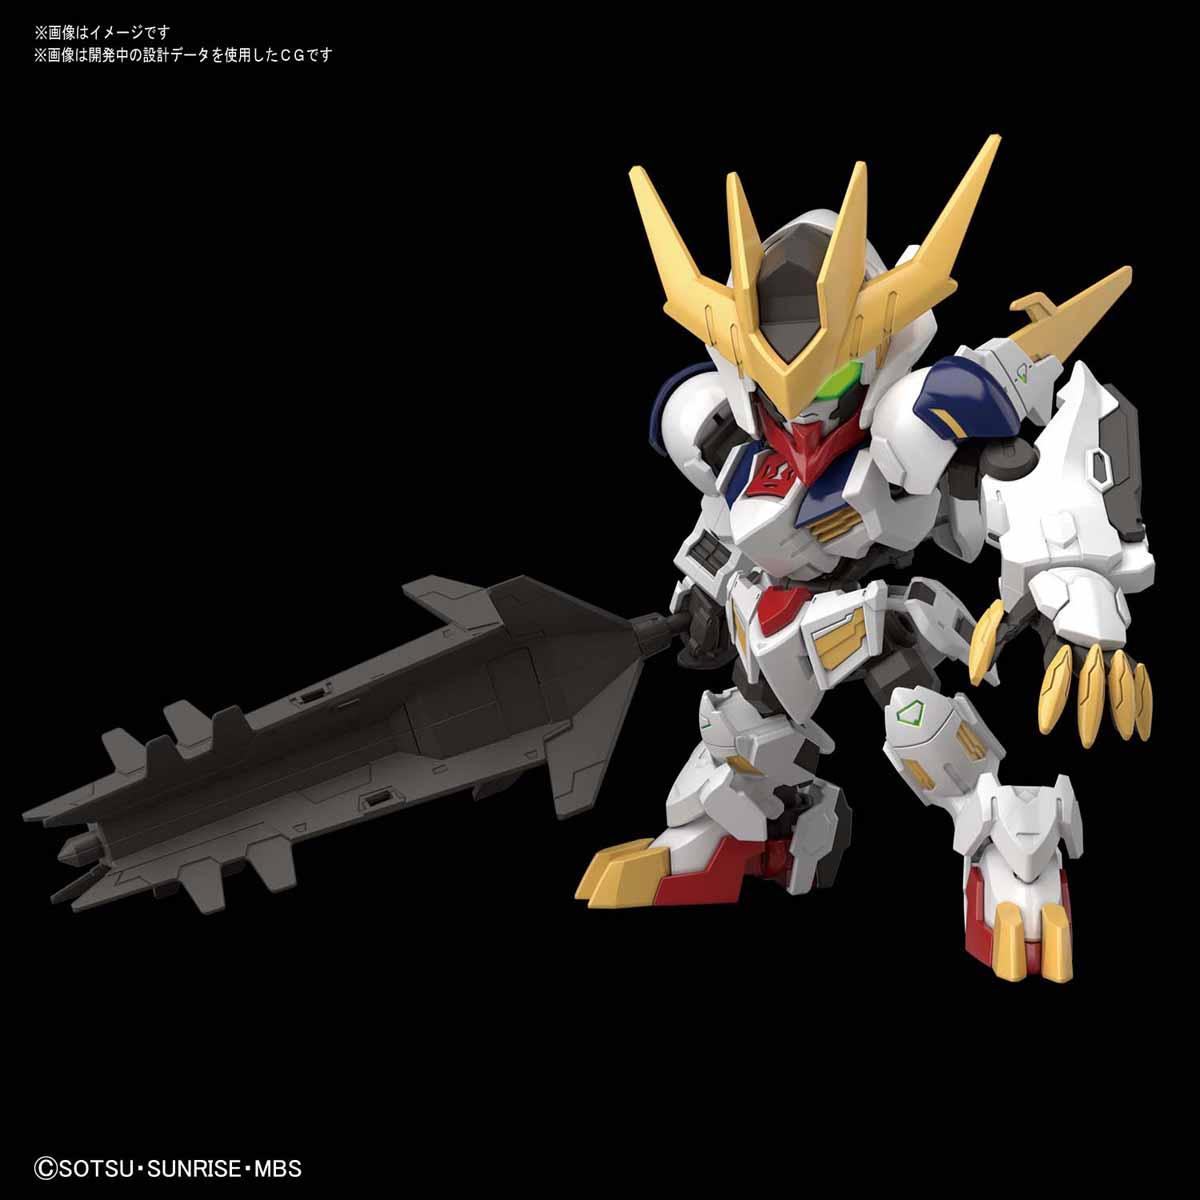 SDガンダム クロスシルエット『ガンダムバルバトスルプスレクス』鉄血のオルフェンズ プラモデル-001